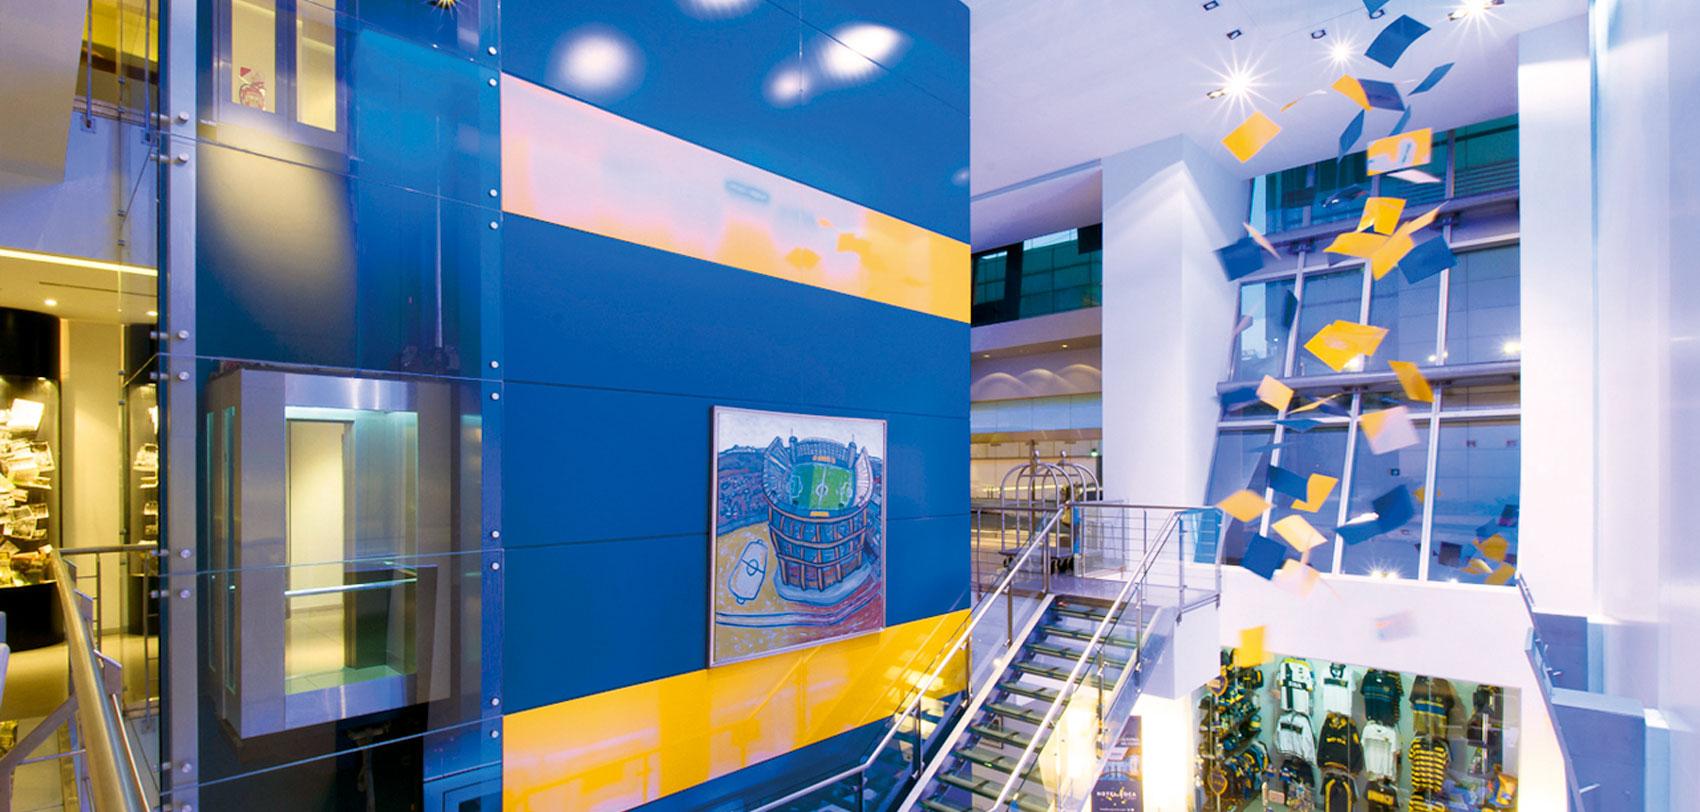 Hotel Boca Juniors El Rincón De La Pasión Bostera Que Enorgullece A Buenos Aires Buena Vibra